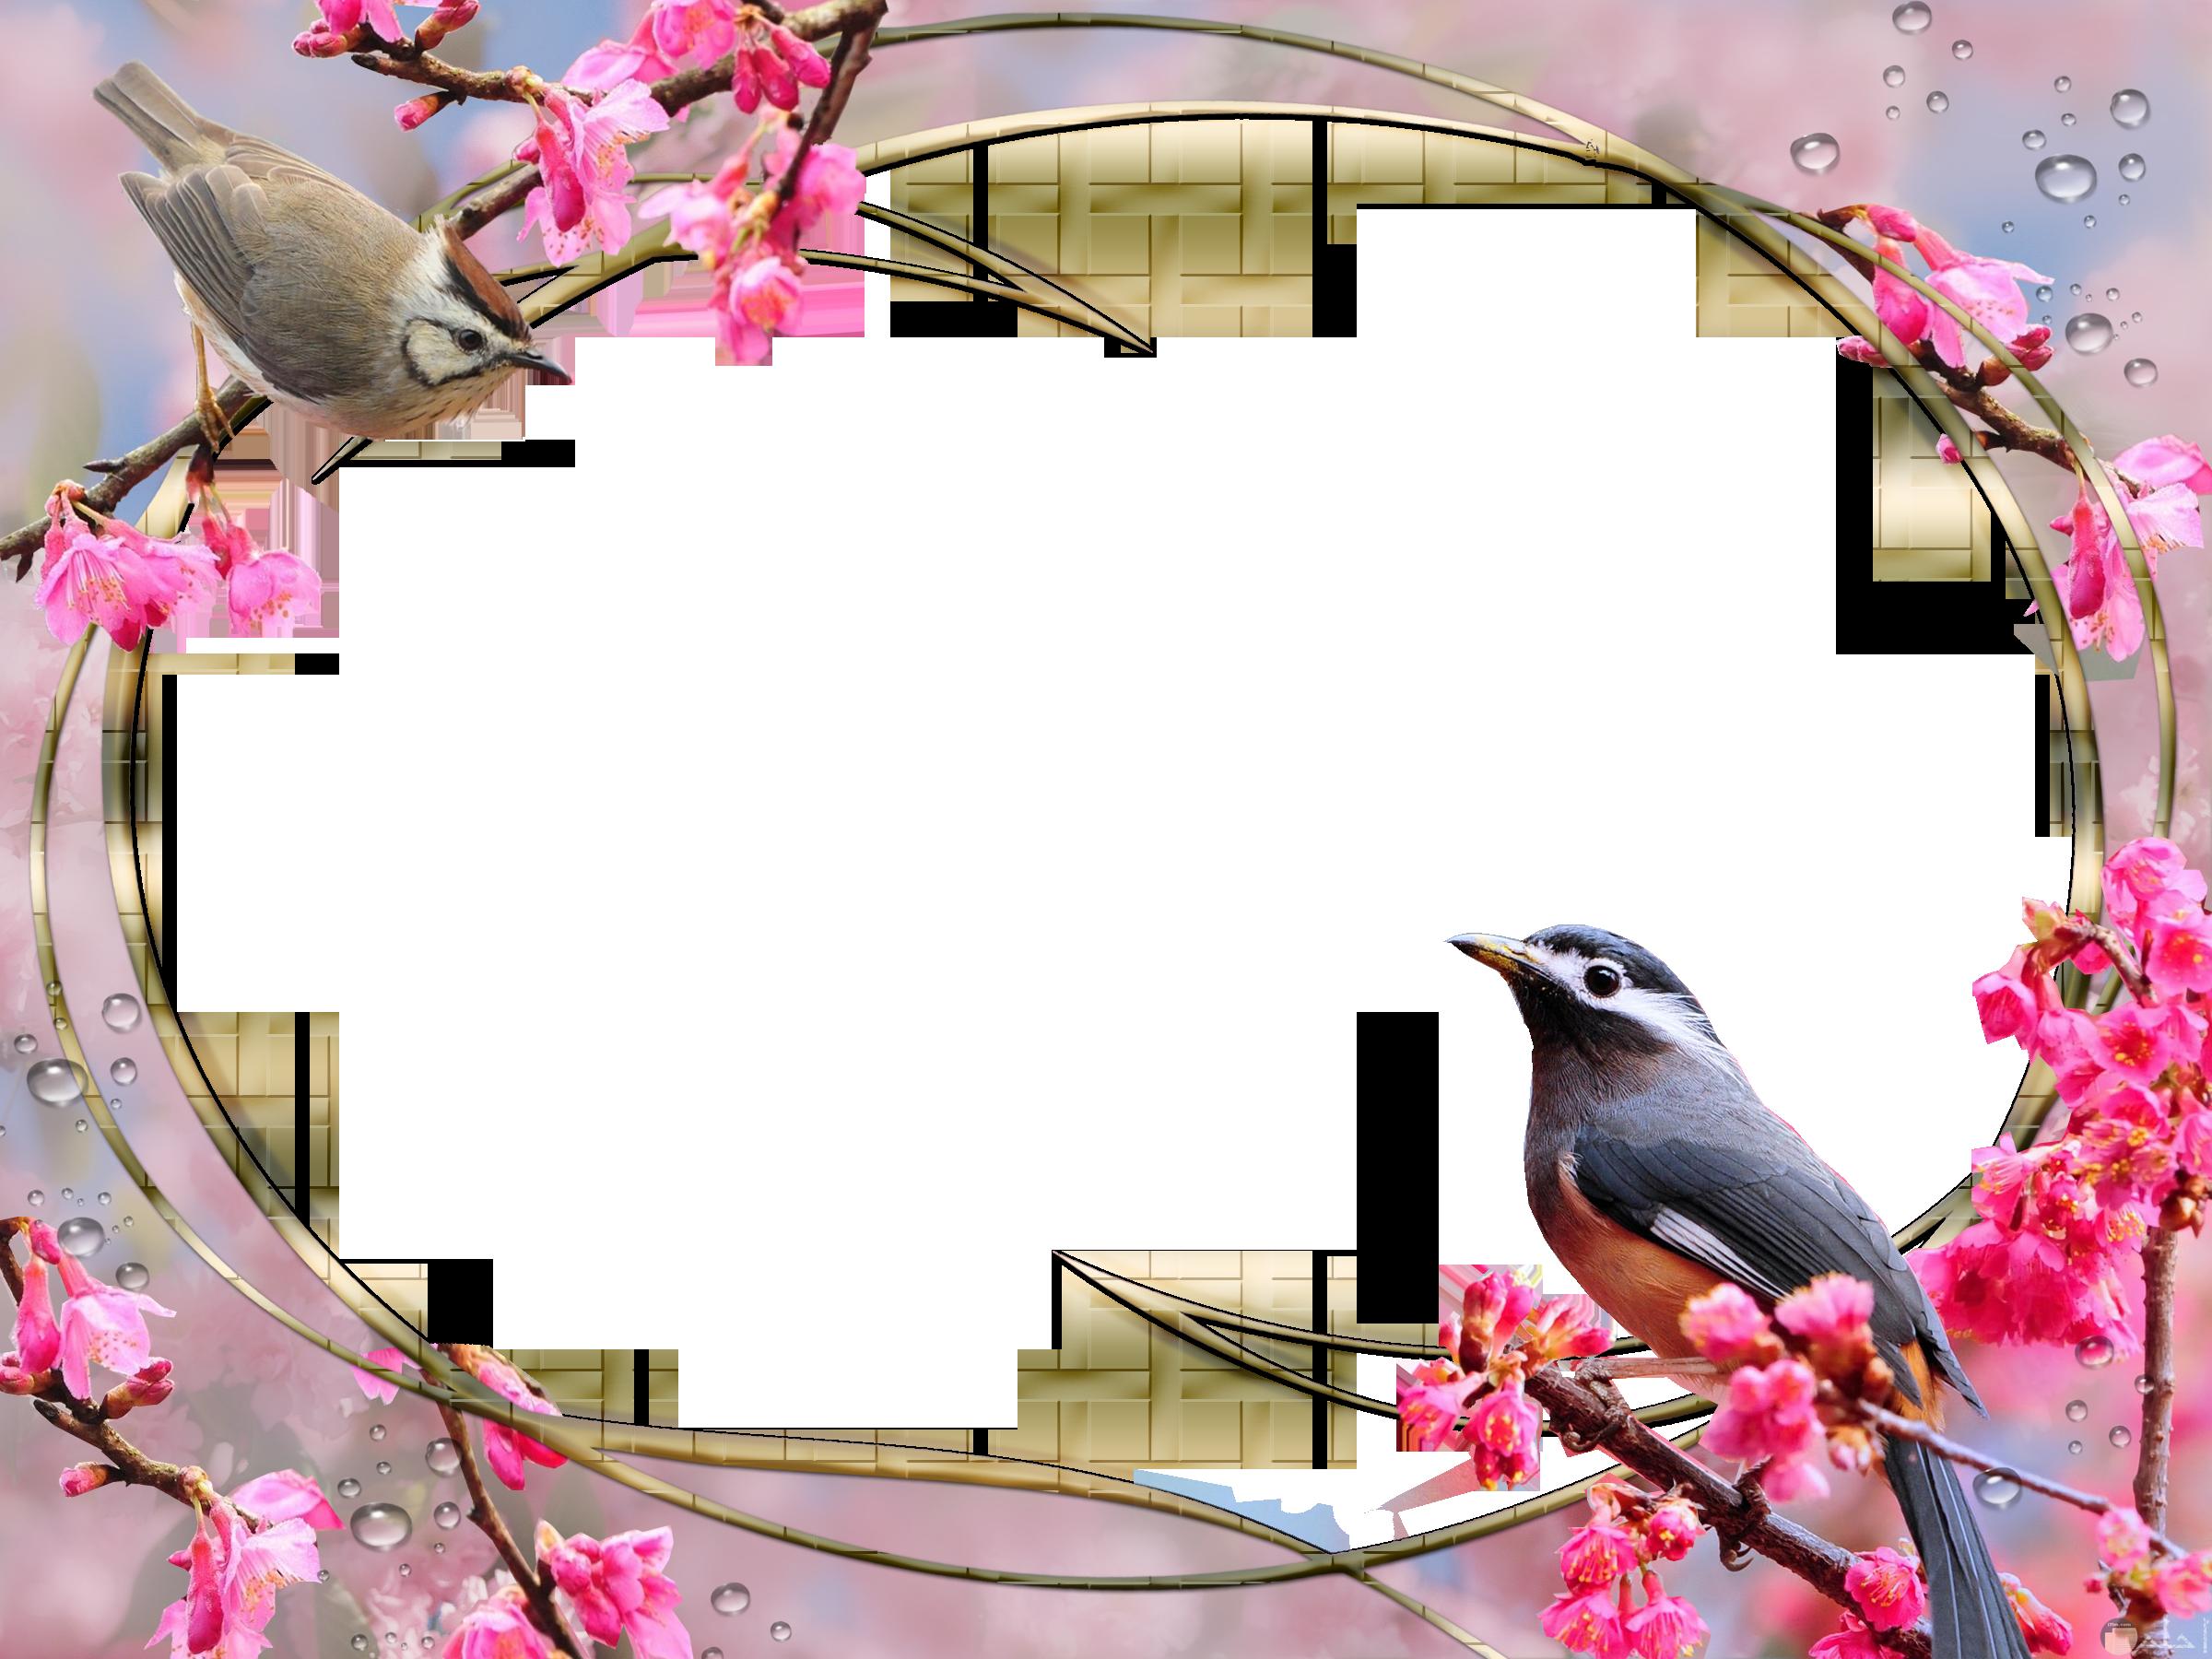 صور للكتابة عليها ورد وعصافير